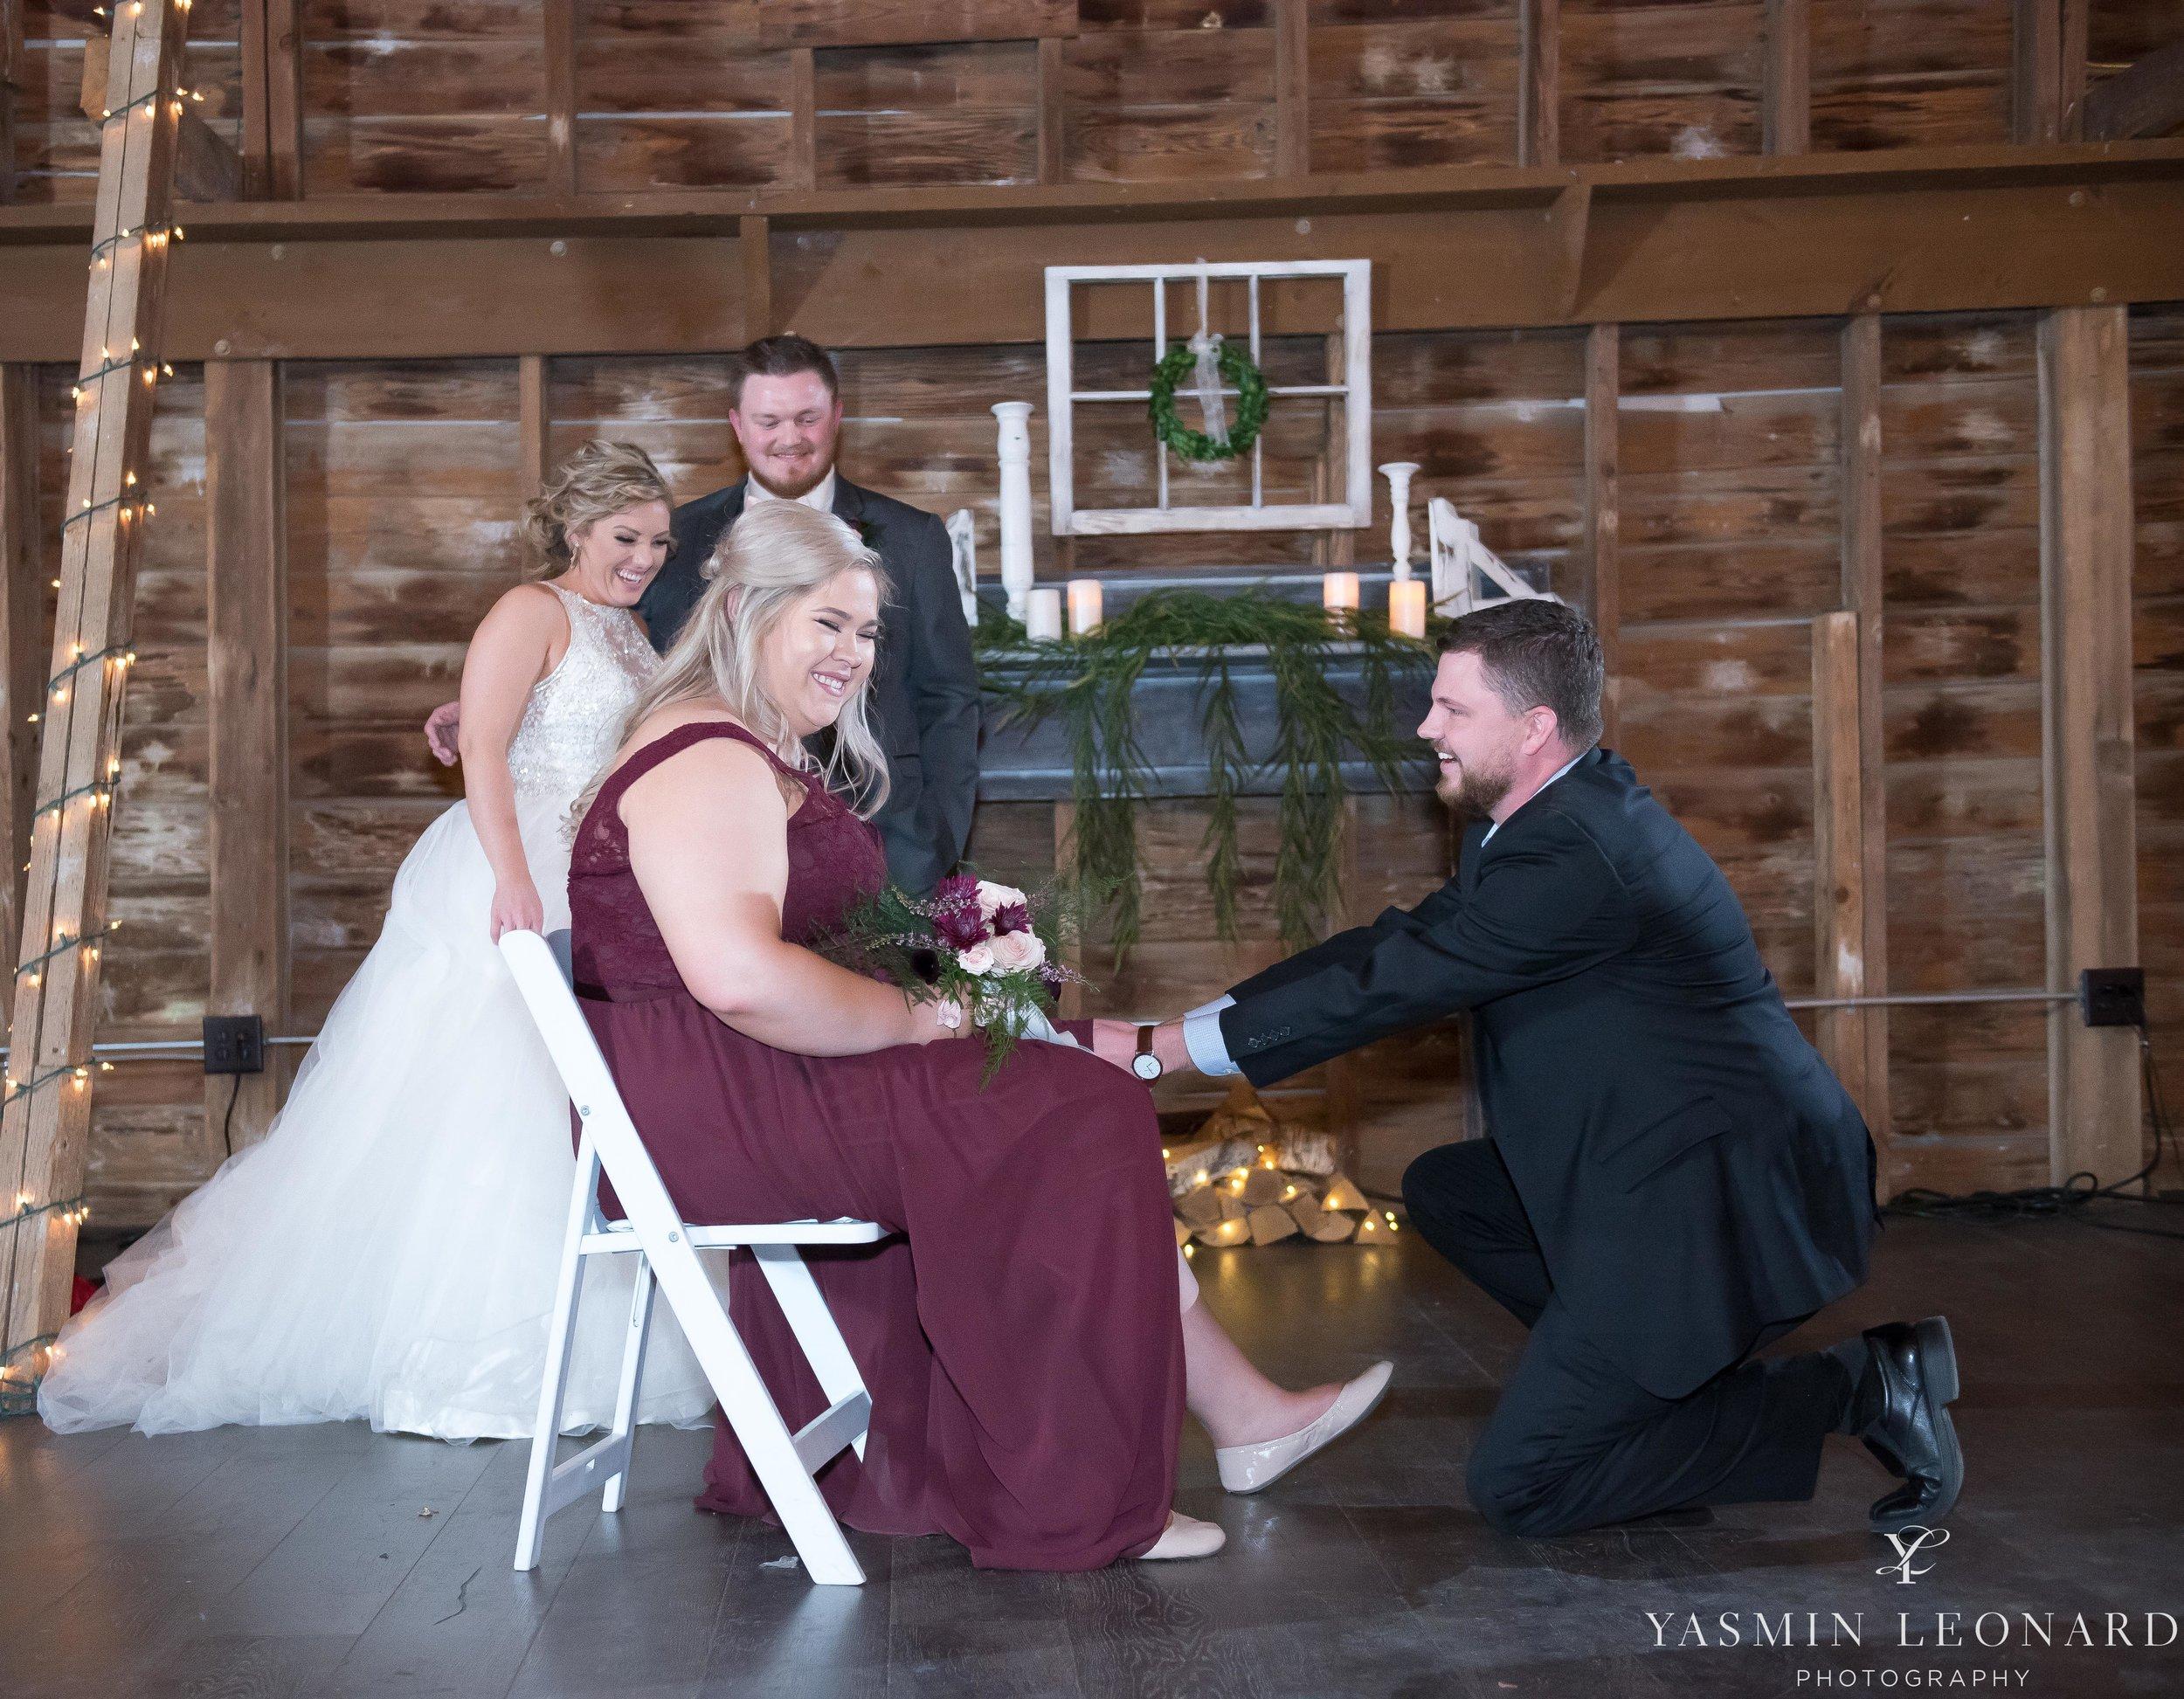 Millikan Farms - Millikan Farms Wedding - Sophia NC Wedding - NC Wedding - NC Wedding Photographer - Yasmin Leonard Photography - High Point Photographer - Barn Wedding - Wedding Venues in NC - Triad Wedding Photographer-89.jpg